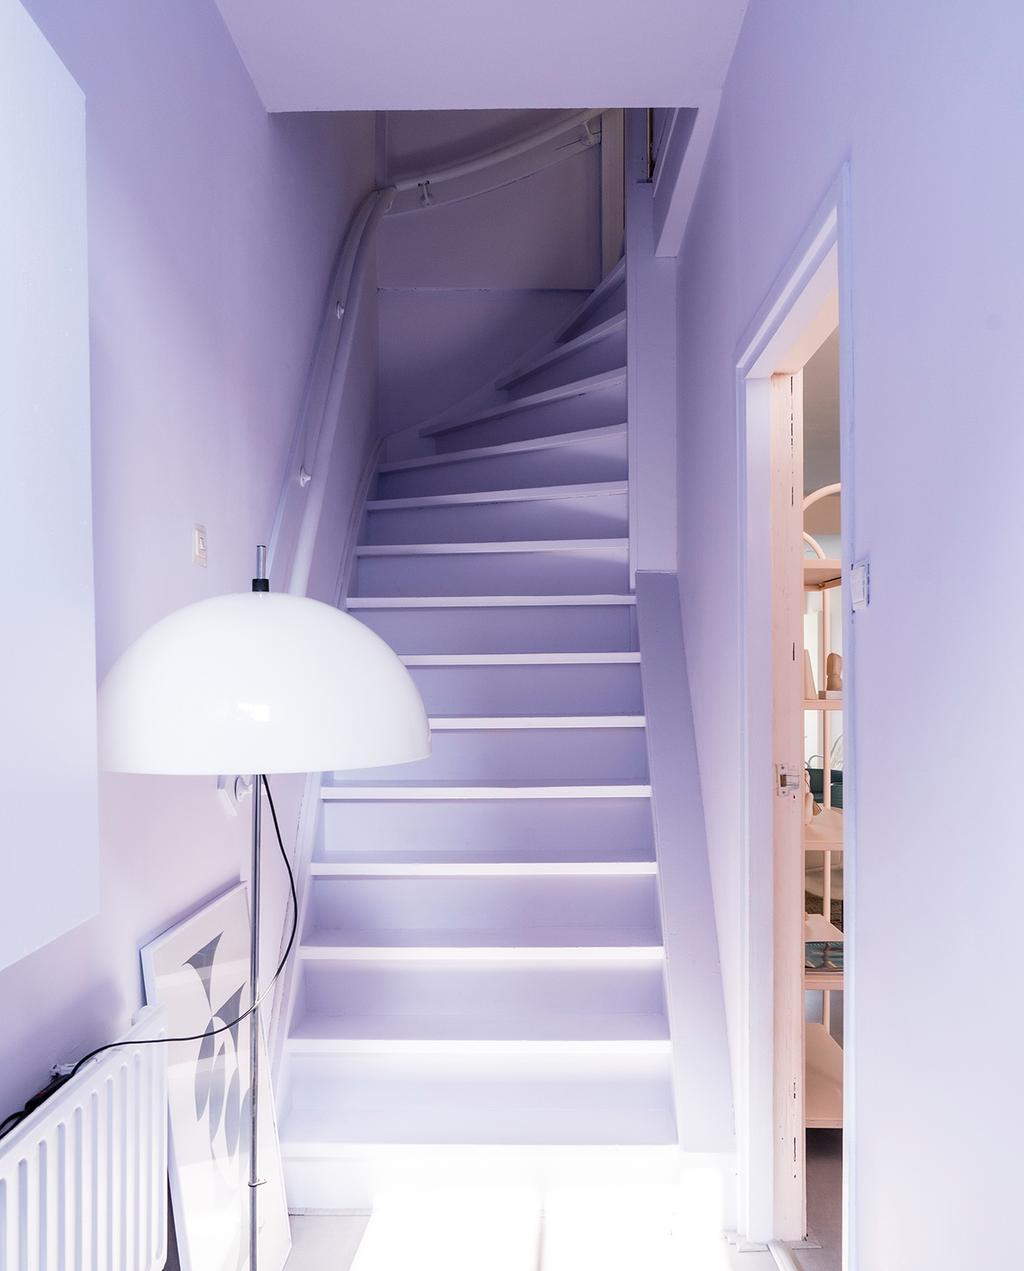 vtwonen special tiny houses 03-2021 | paarse trap in de hal met monochroom kleurgebruik